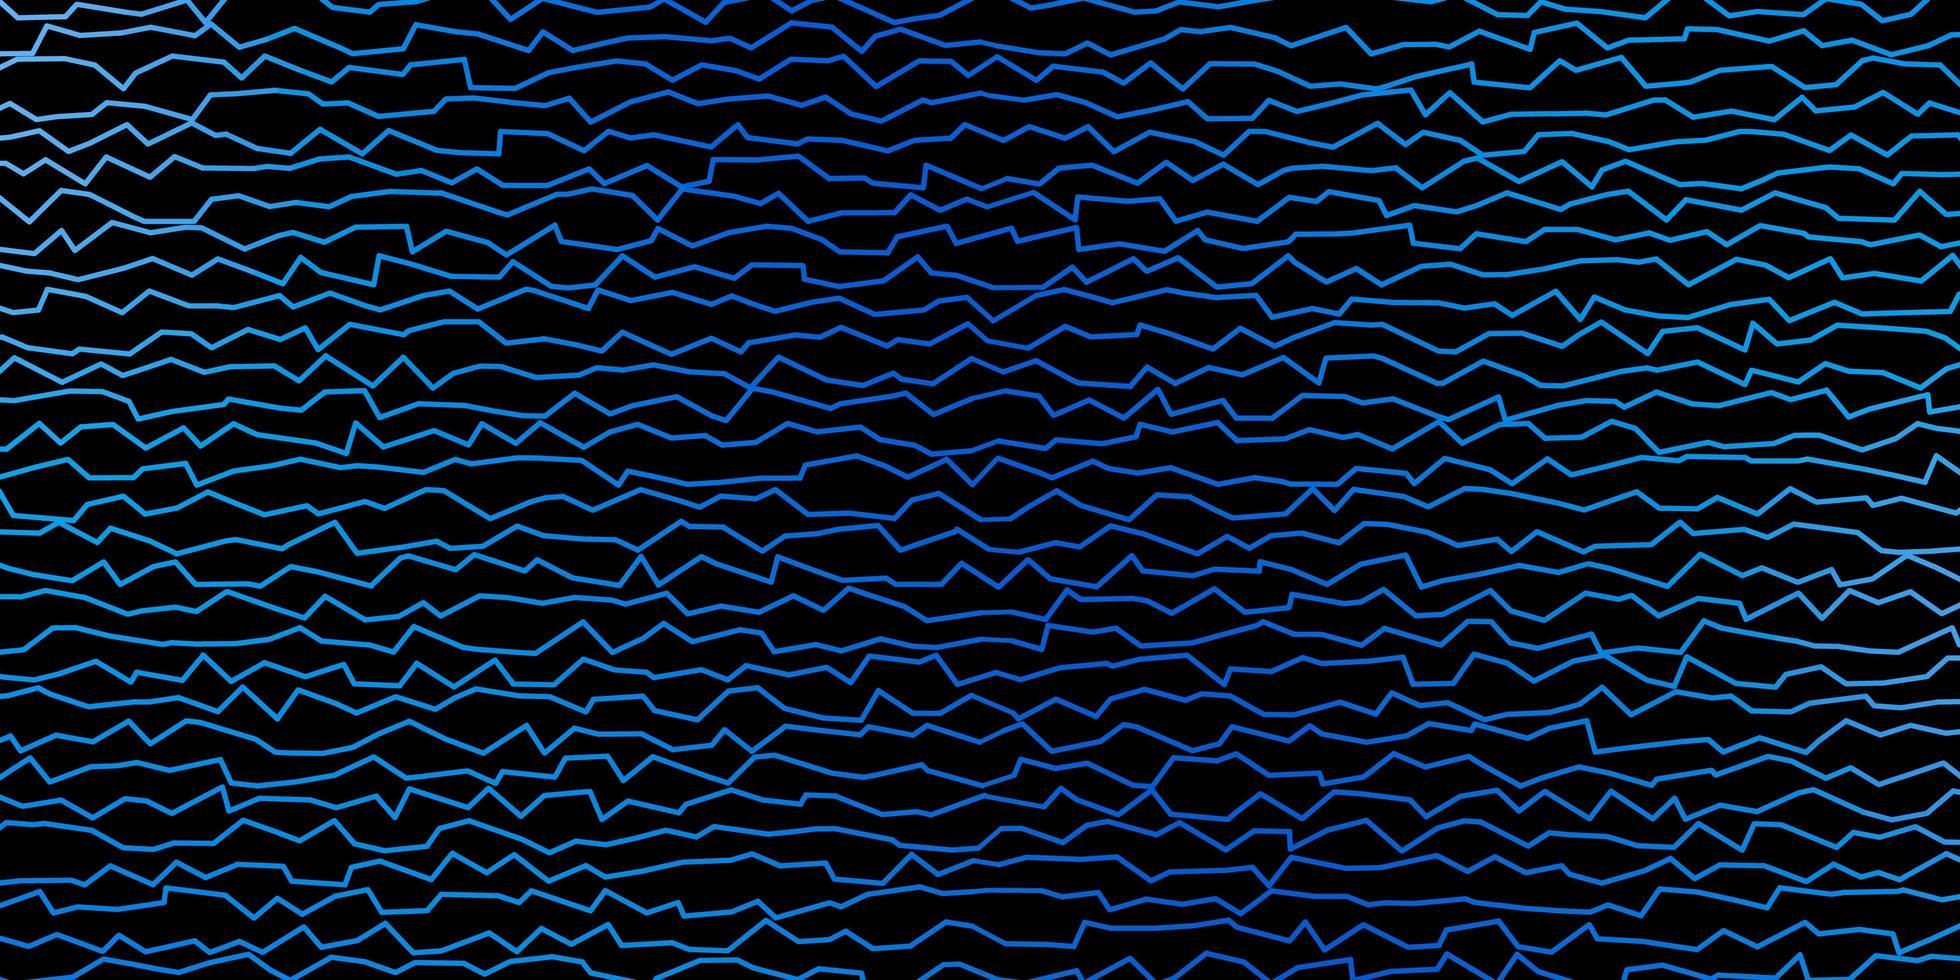 dunkelblaue Textur mit Kreisbogen. vektor